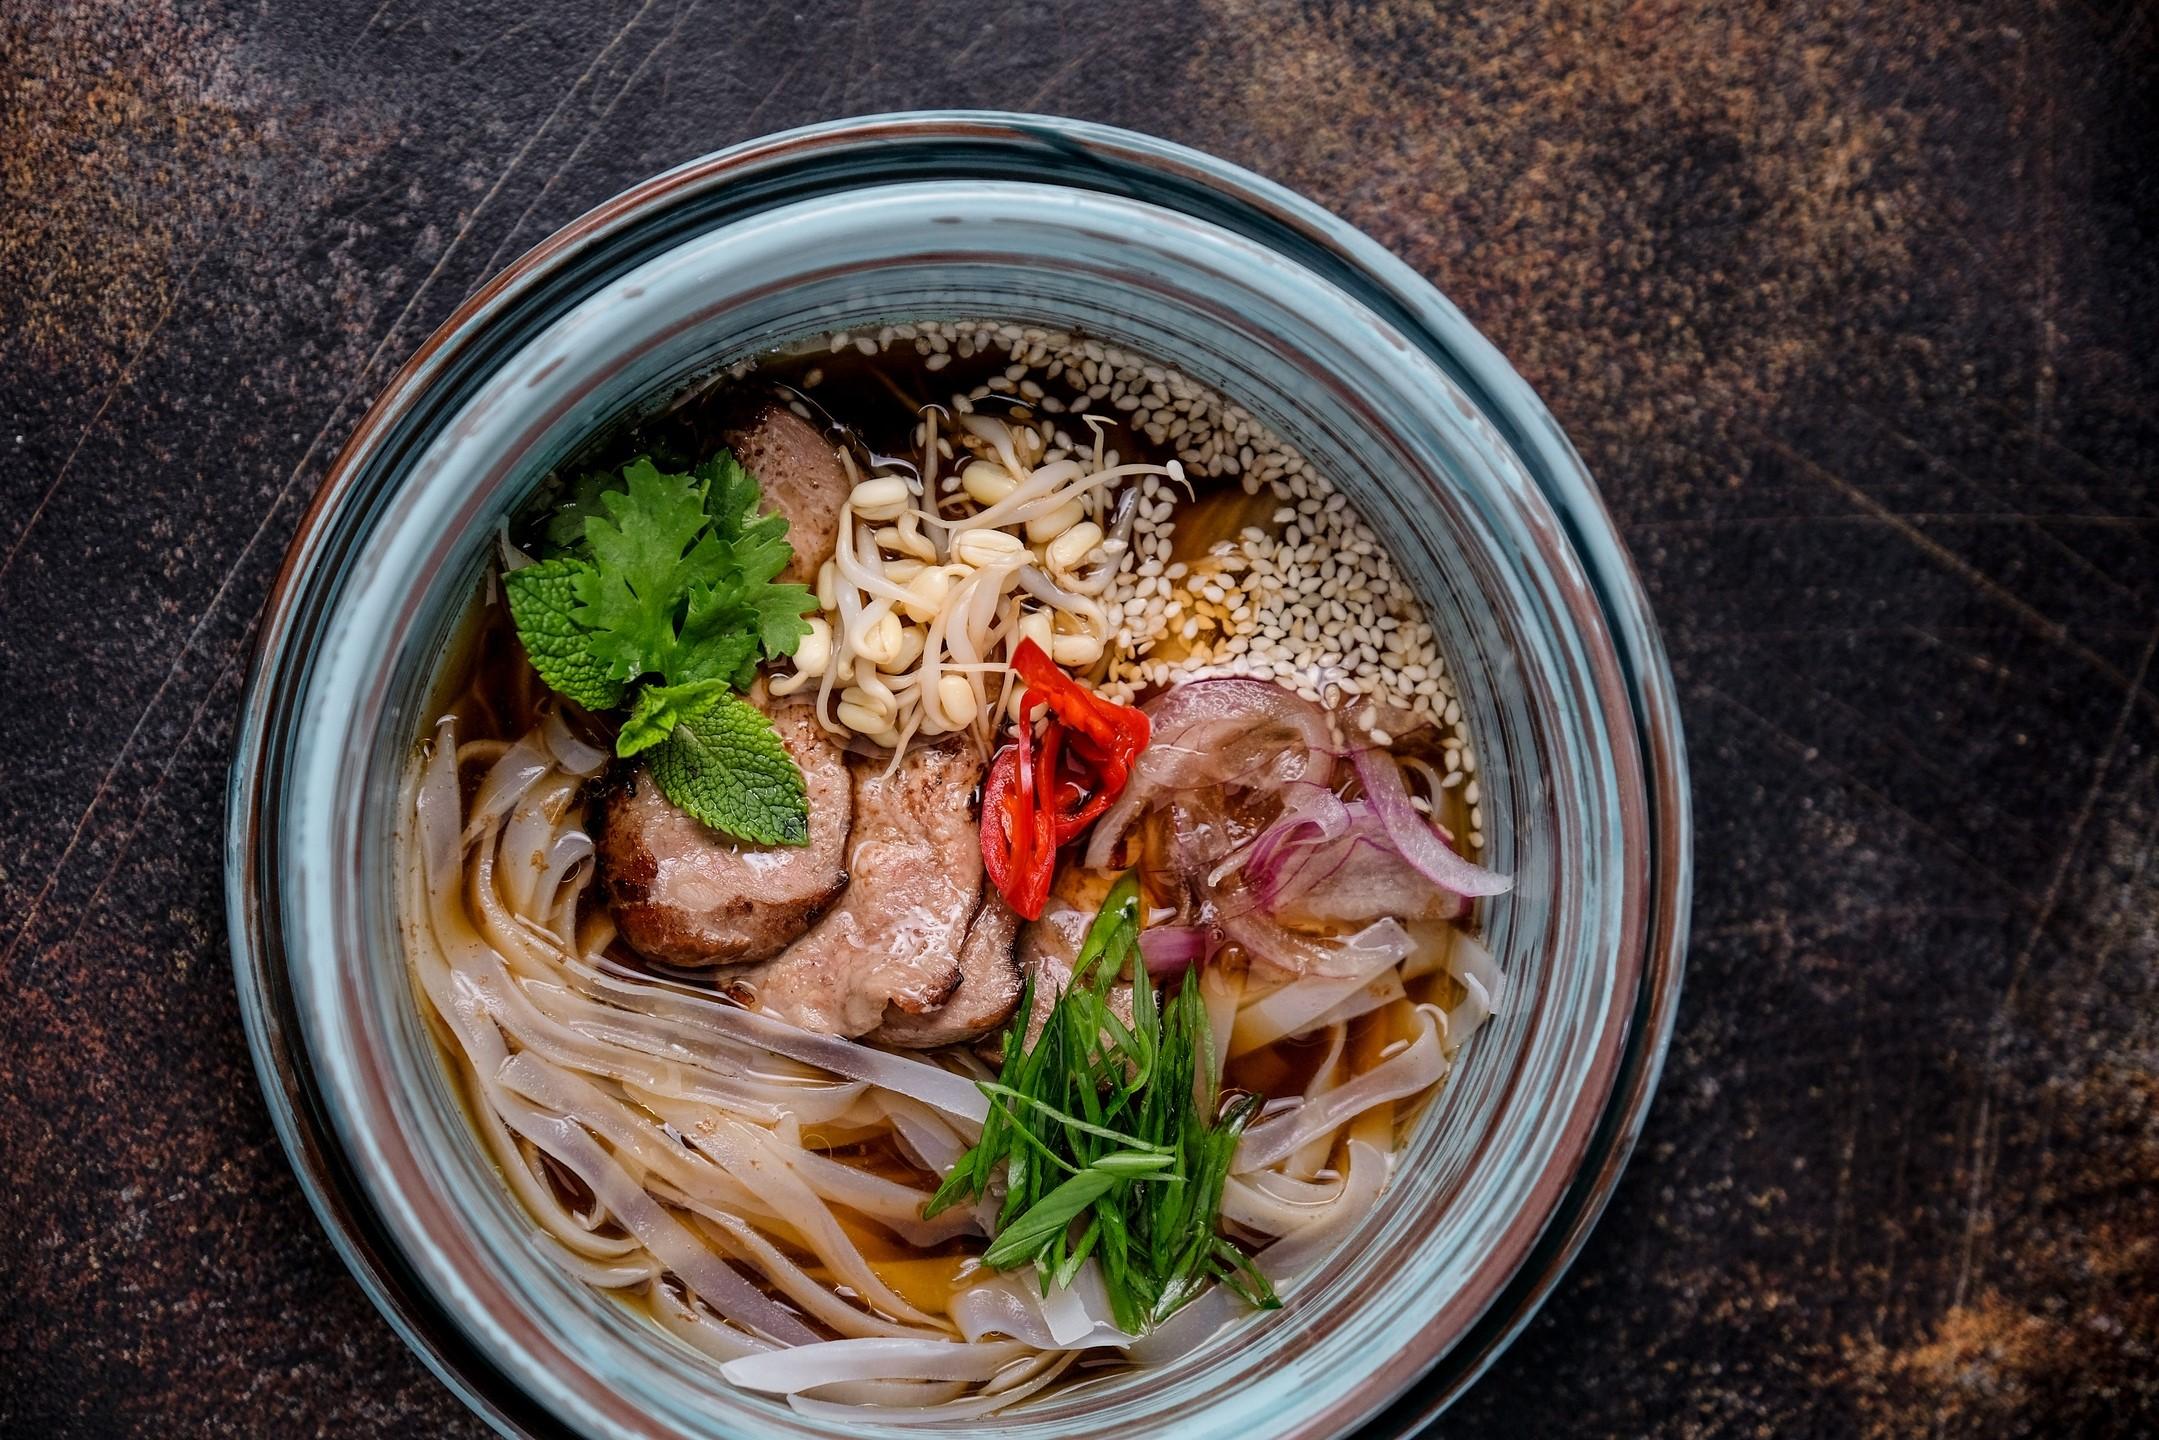 Паназиатские блюда отличаются своей пикантностью и удивительно необычным вкусом